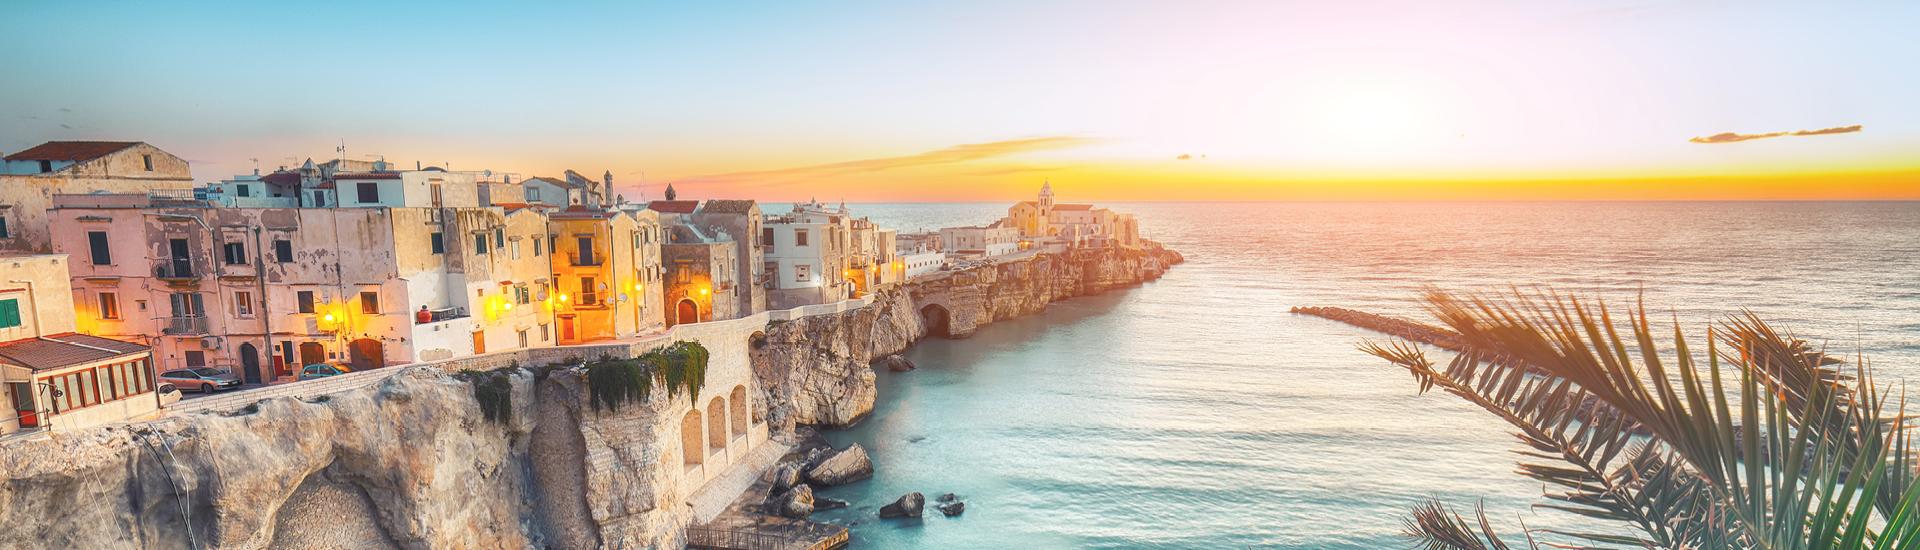 Weine - Der Süden Italiens - Weine aus Apulien, Sizilien & Co. 09/2020 - Slider